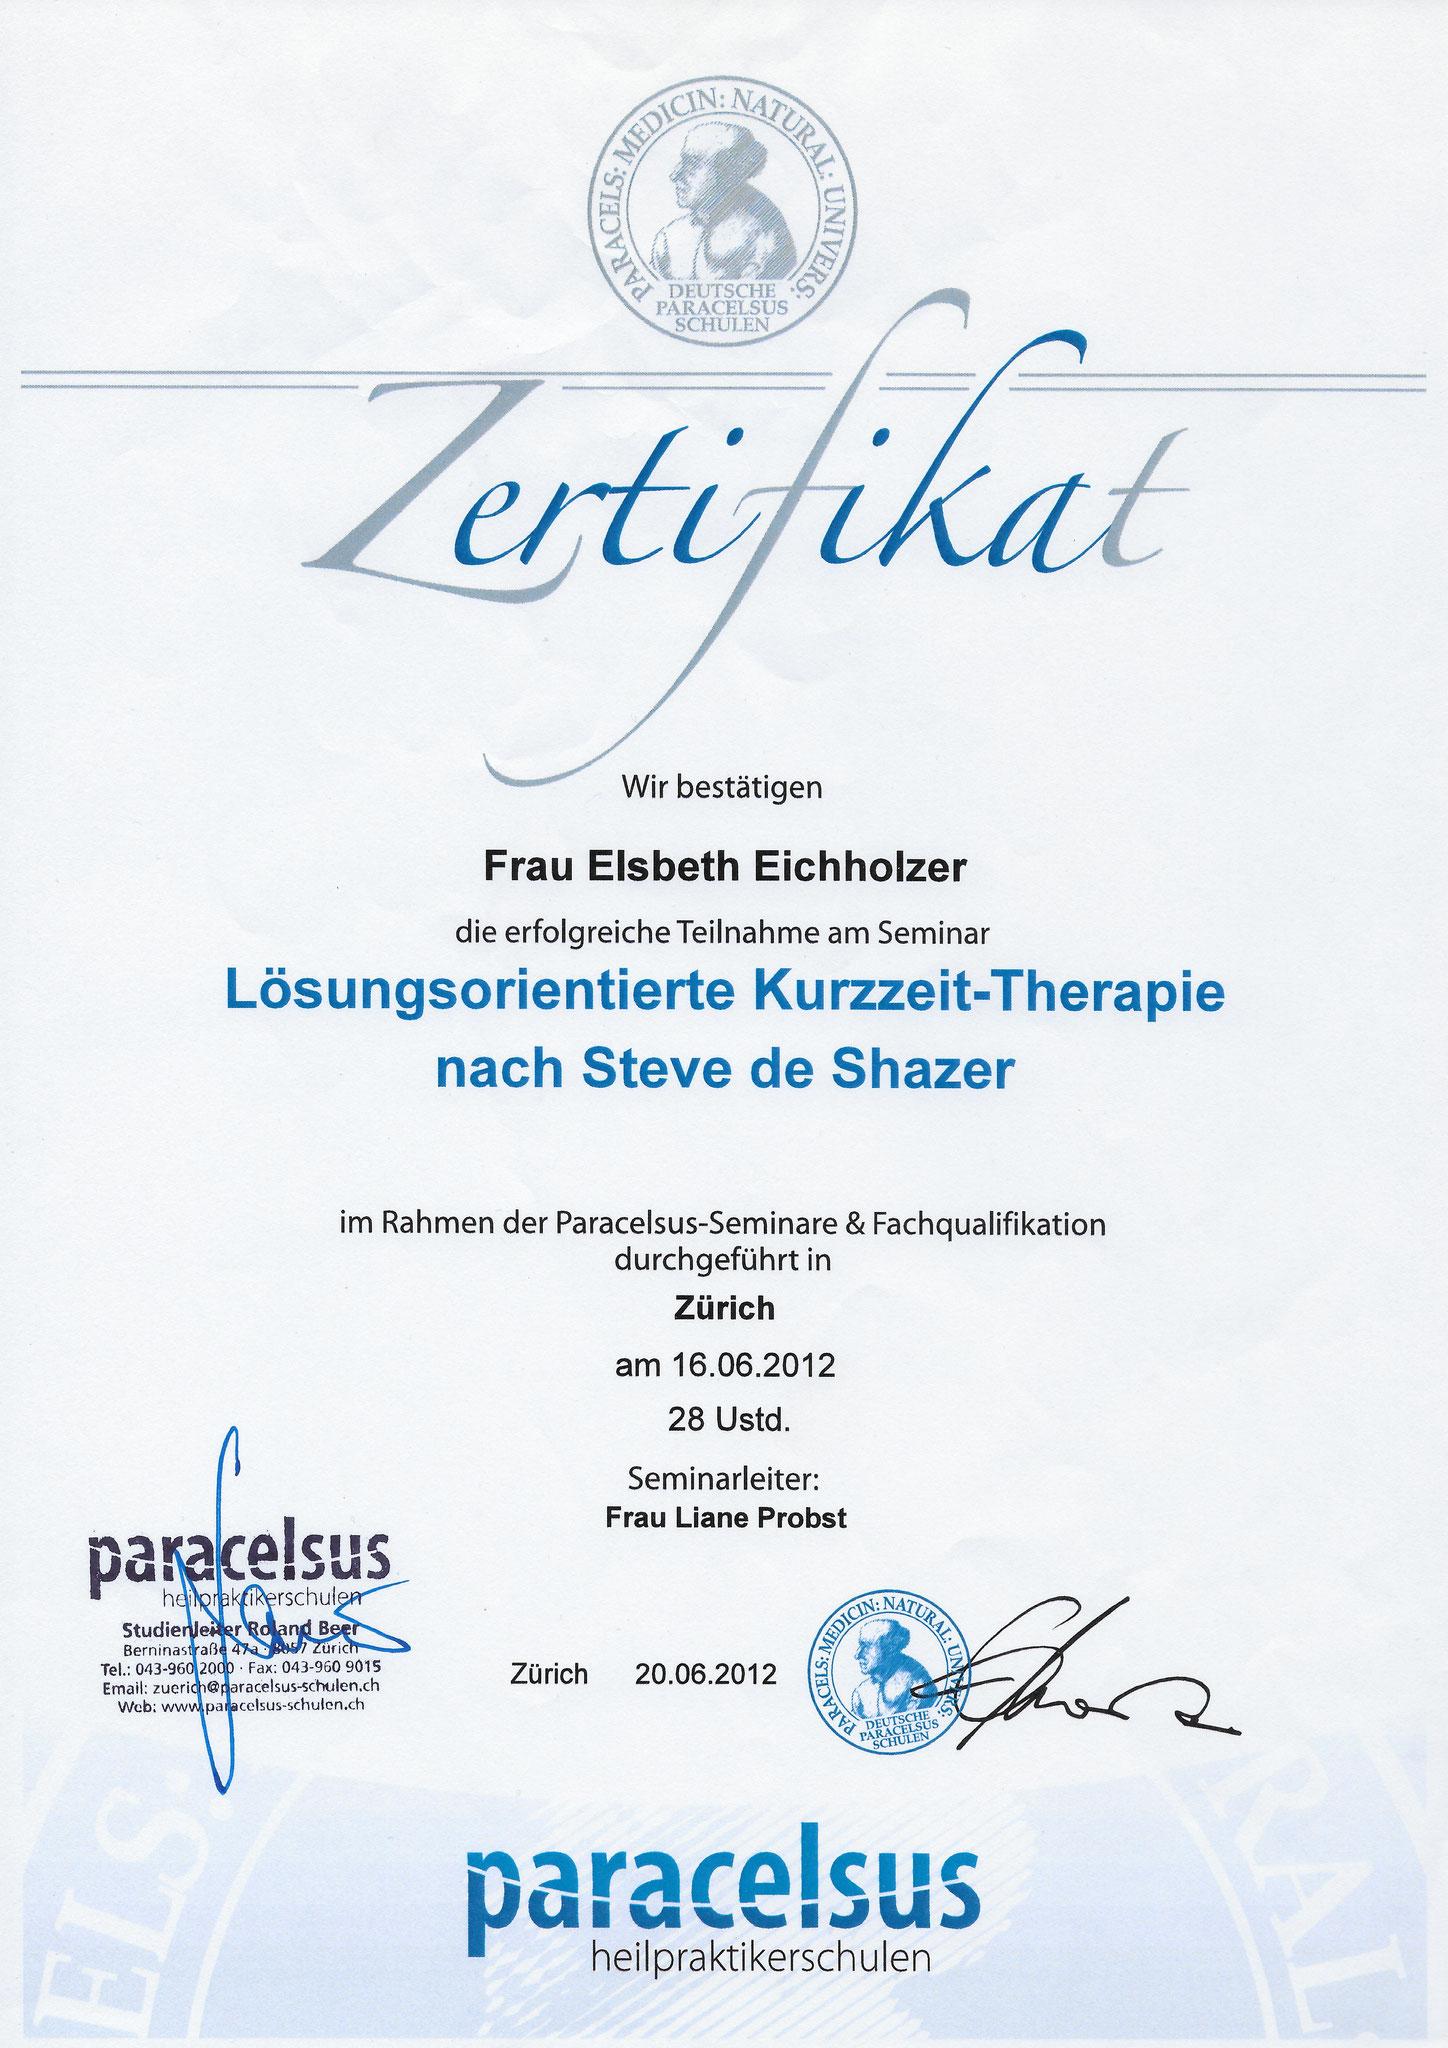 Paracelsus - Lösungsorientierte Kurzzeit-Therapie